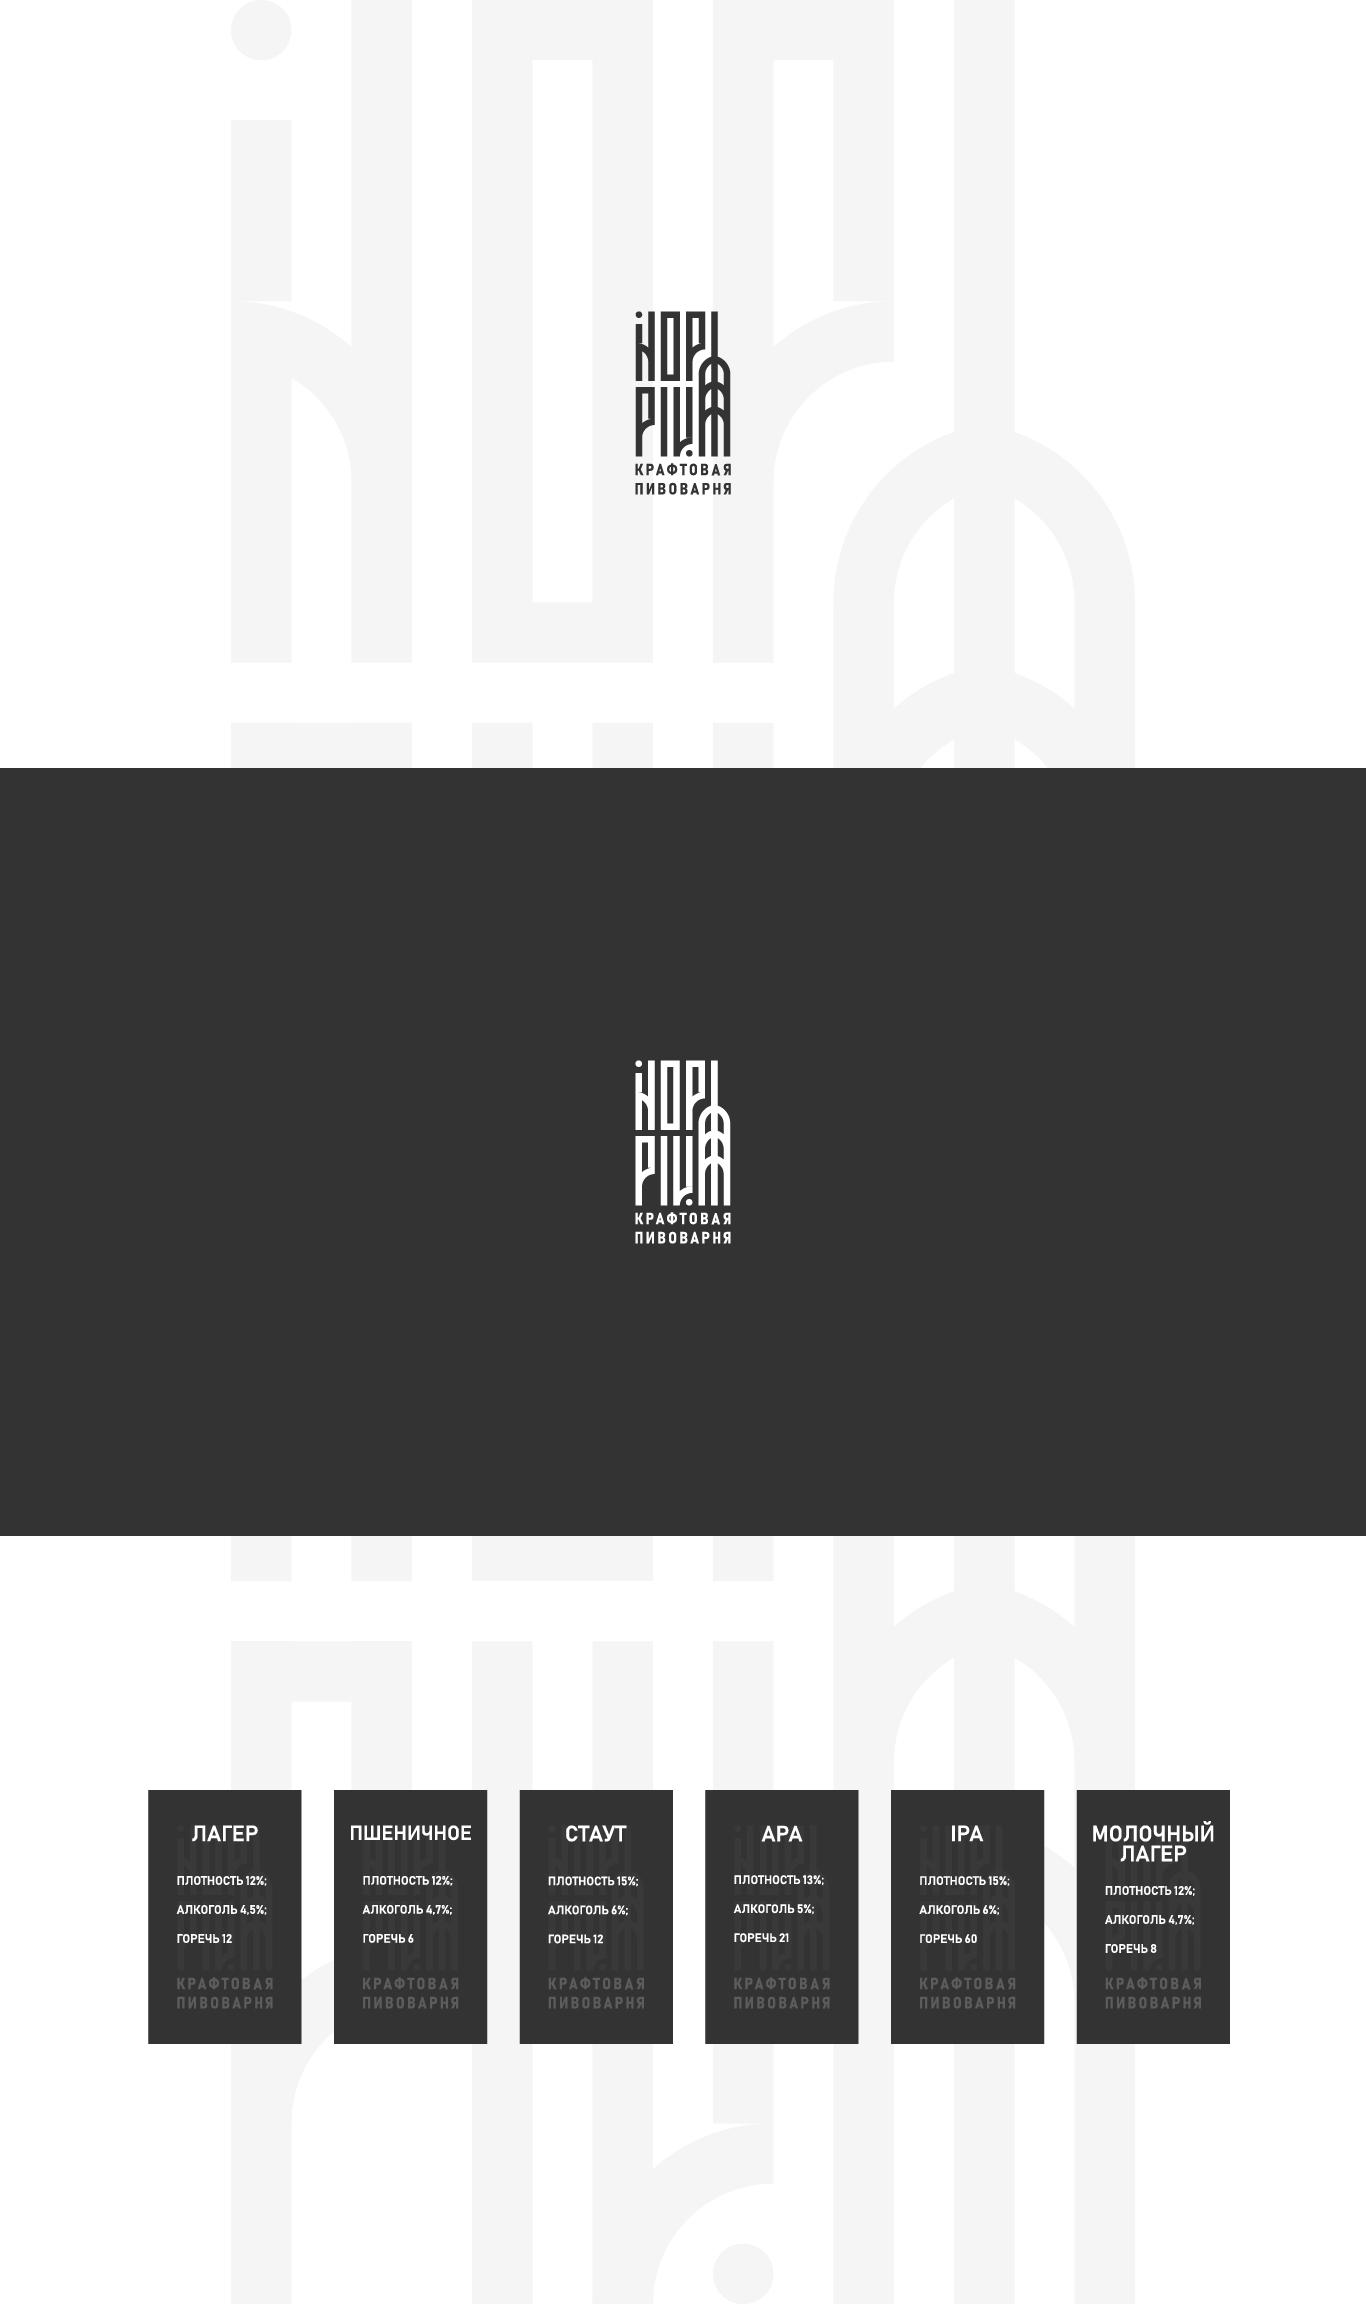 Логотип + Ценники для подмосковной крафтовой пивоварни фото f_9645dc15b015cf85.jpg